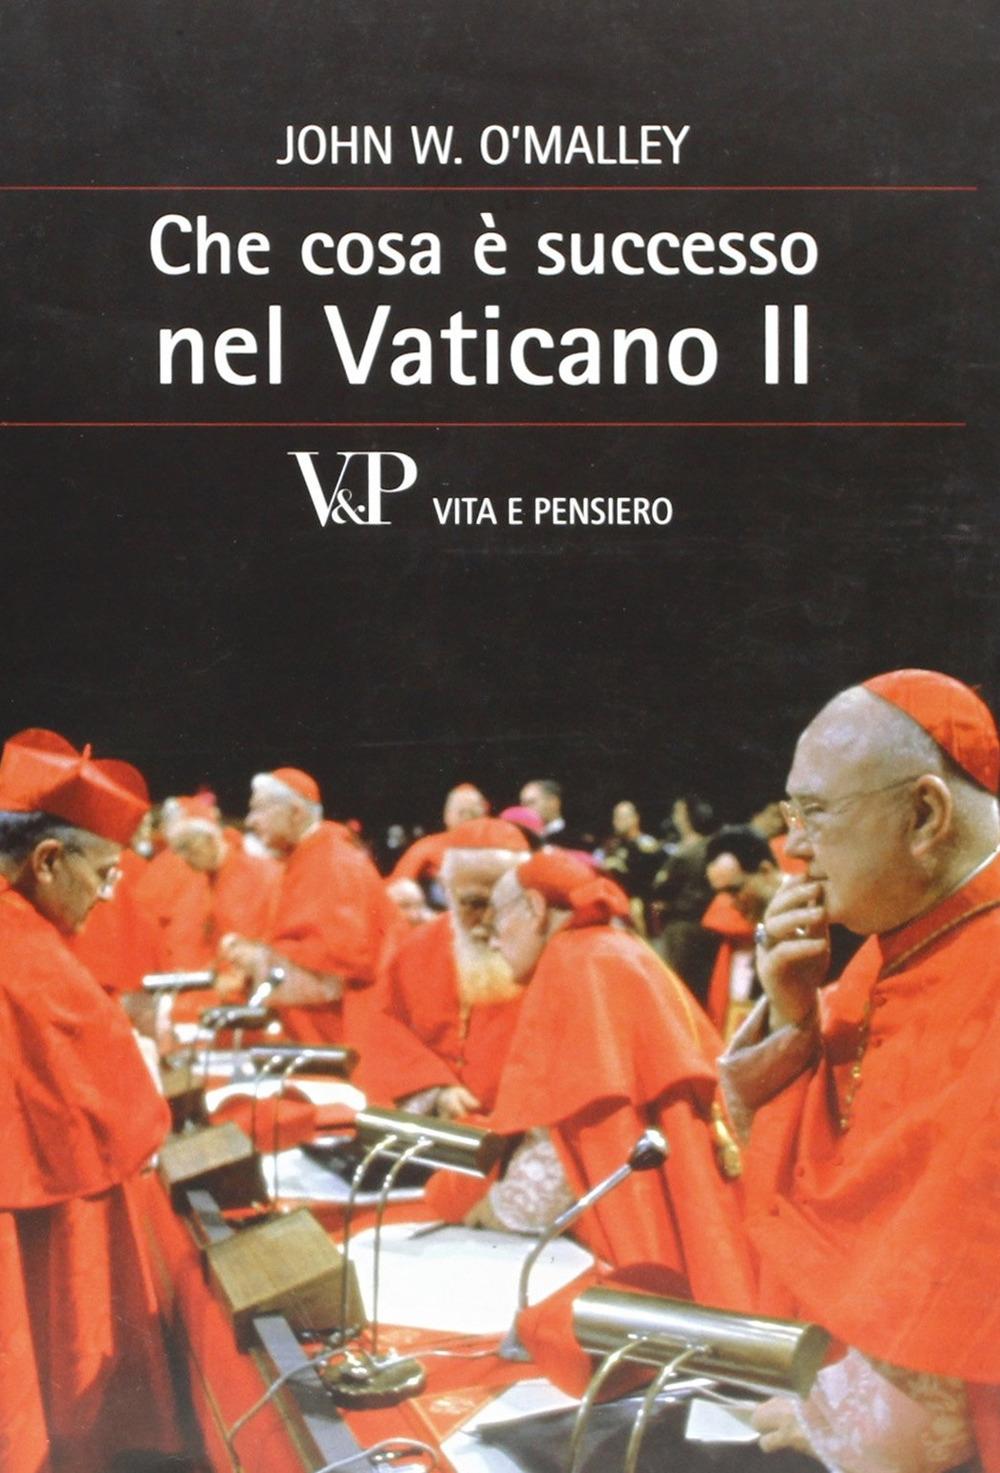 Che cosa è successo nel Vaticano II.